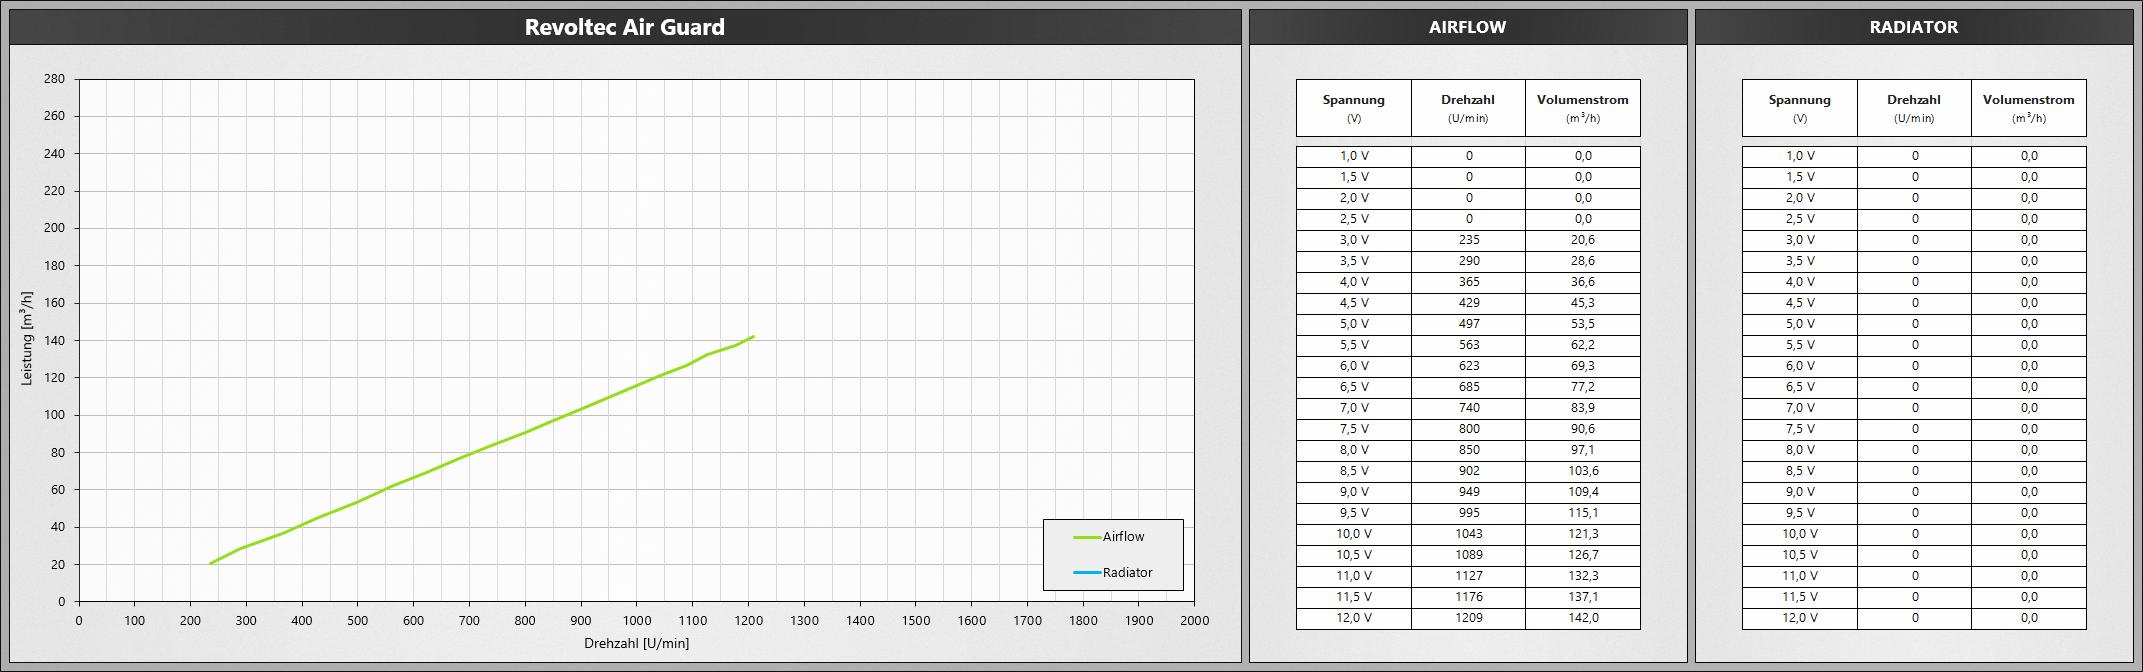 Klicken Sie auf die Grafik für eine größere Ansicht  Name:Revoltec Air Guard.png Hits:650 Größe:466,5 KB ID:1074784